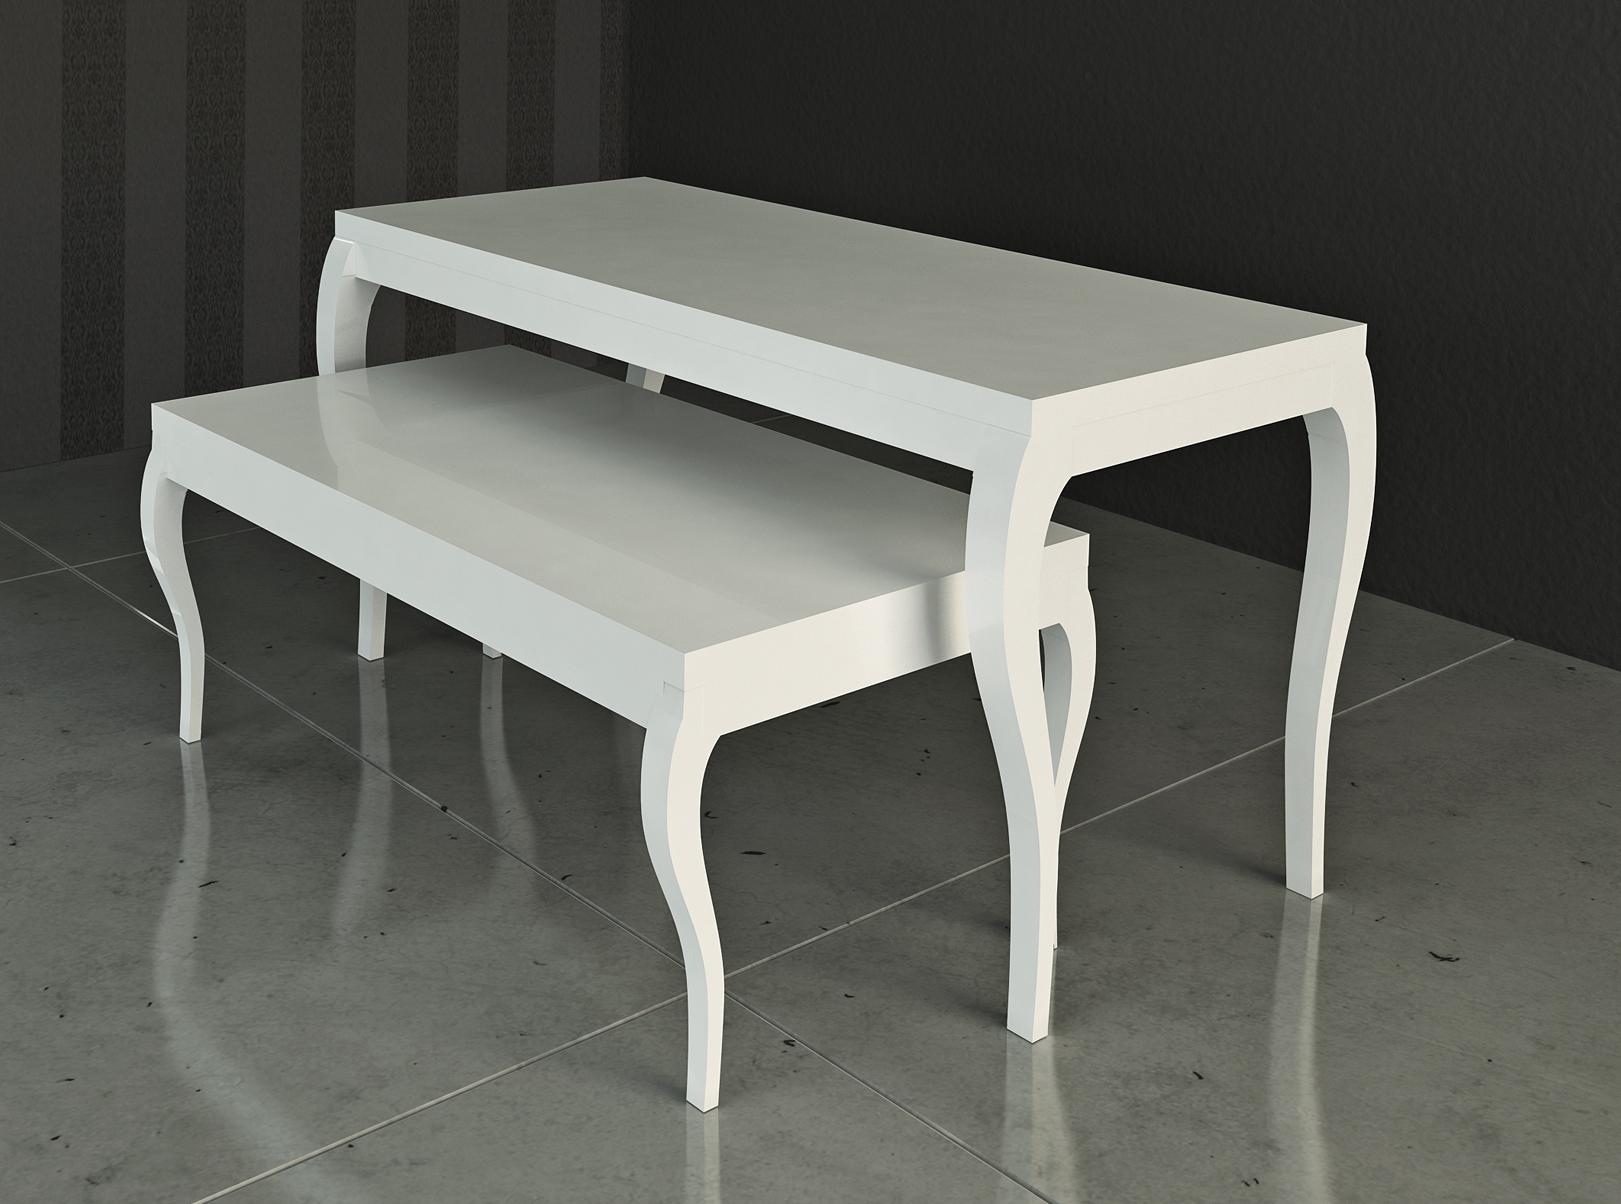 auslagen tisch 90 zero gl nzend wei oder schwarz m nchen. Black Bedroom Furniture Sets. Home Design Ideas